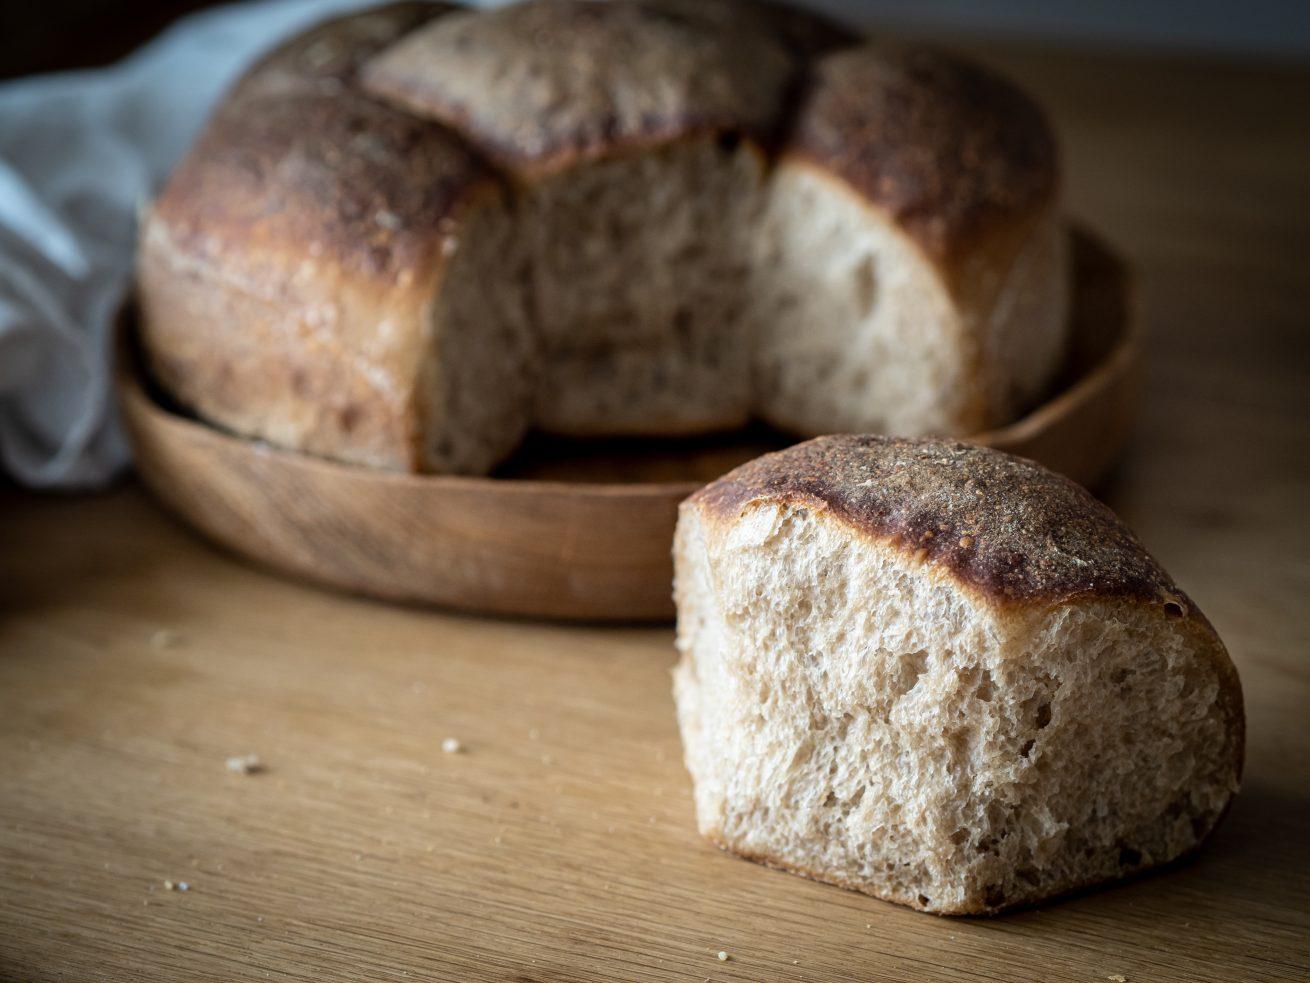 kúsok chleba